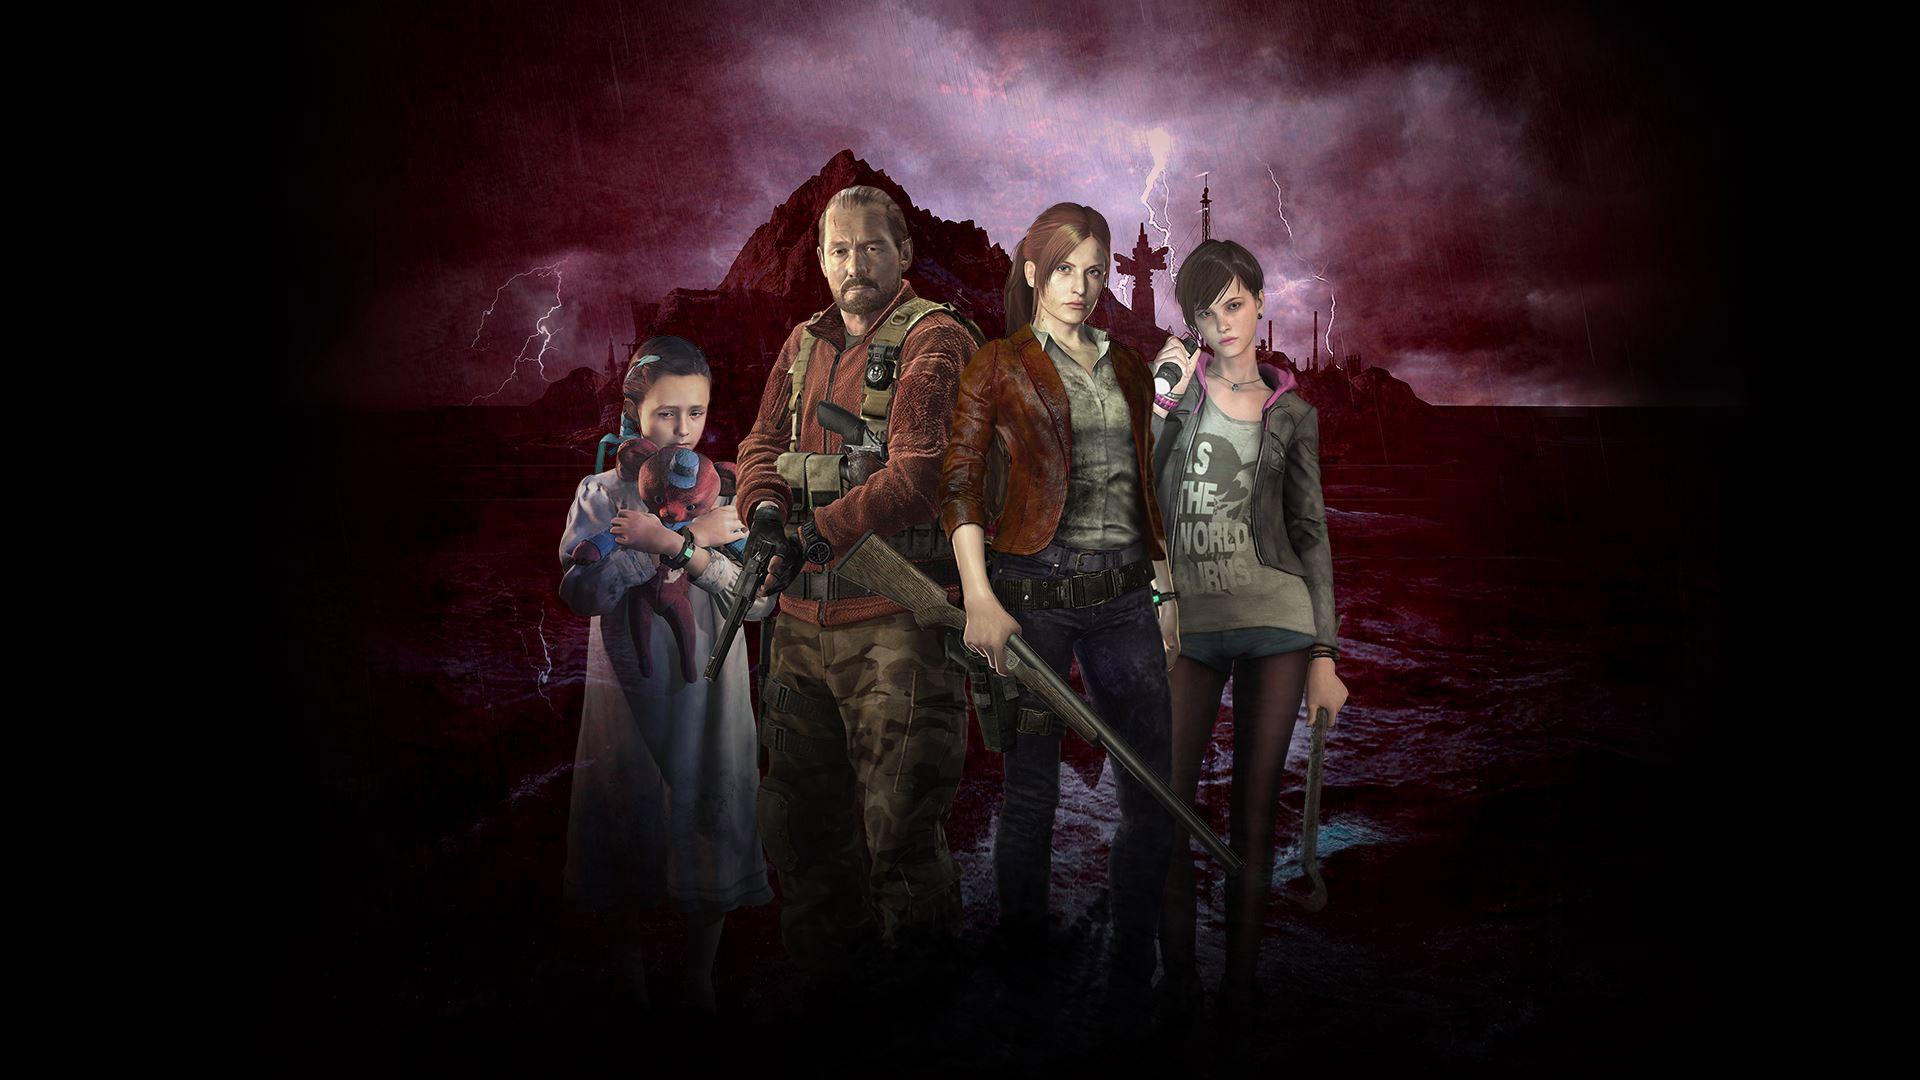 Resident Evil: Revelations 2 Wallpaper in 1920x1080